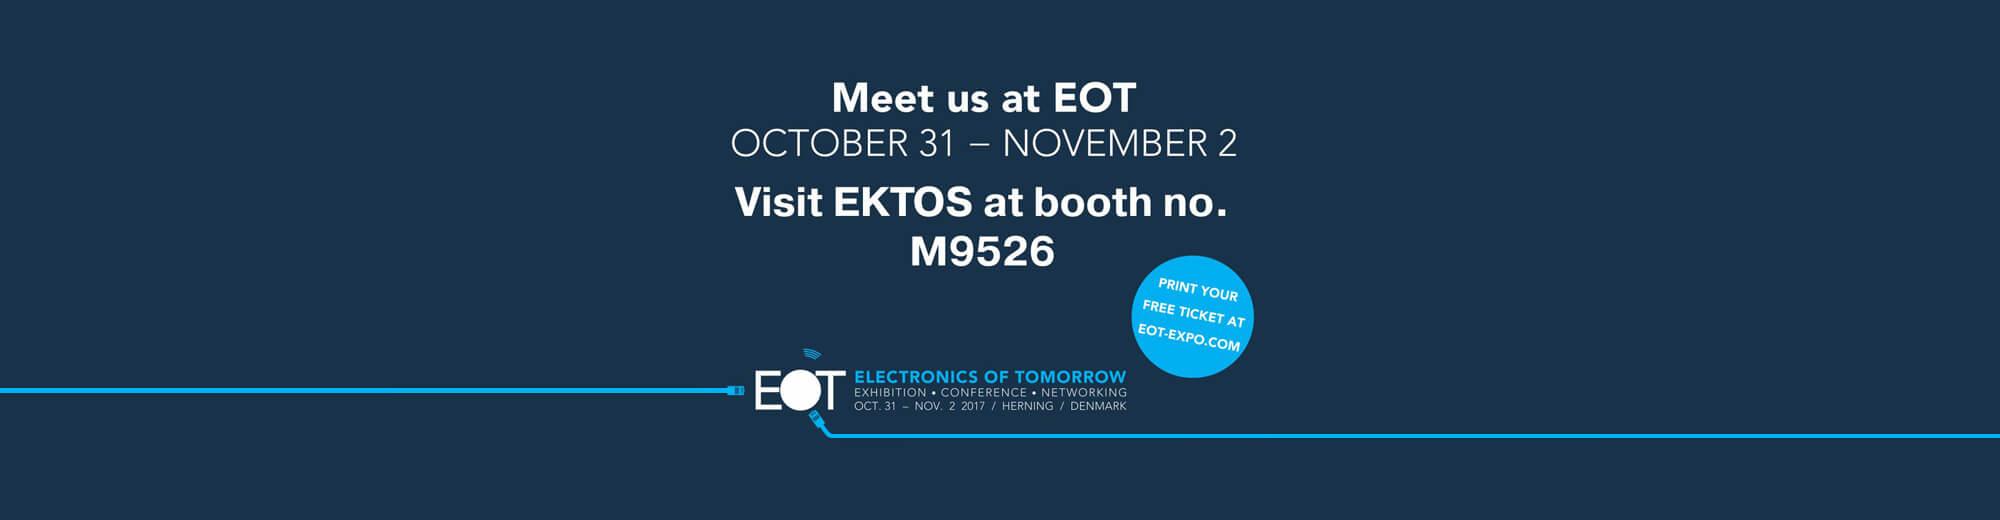 EKTOS er på EOT – kom og få en snak om bl.a. akkrediterede tests og prototypefremstilling af elektronik